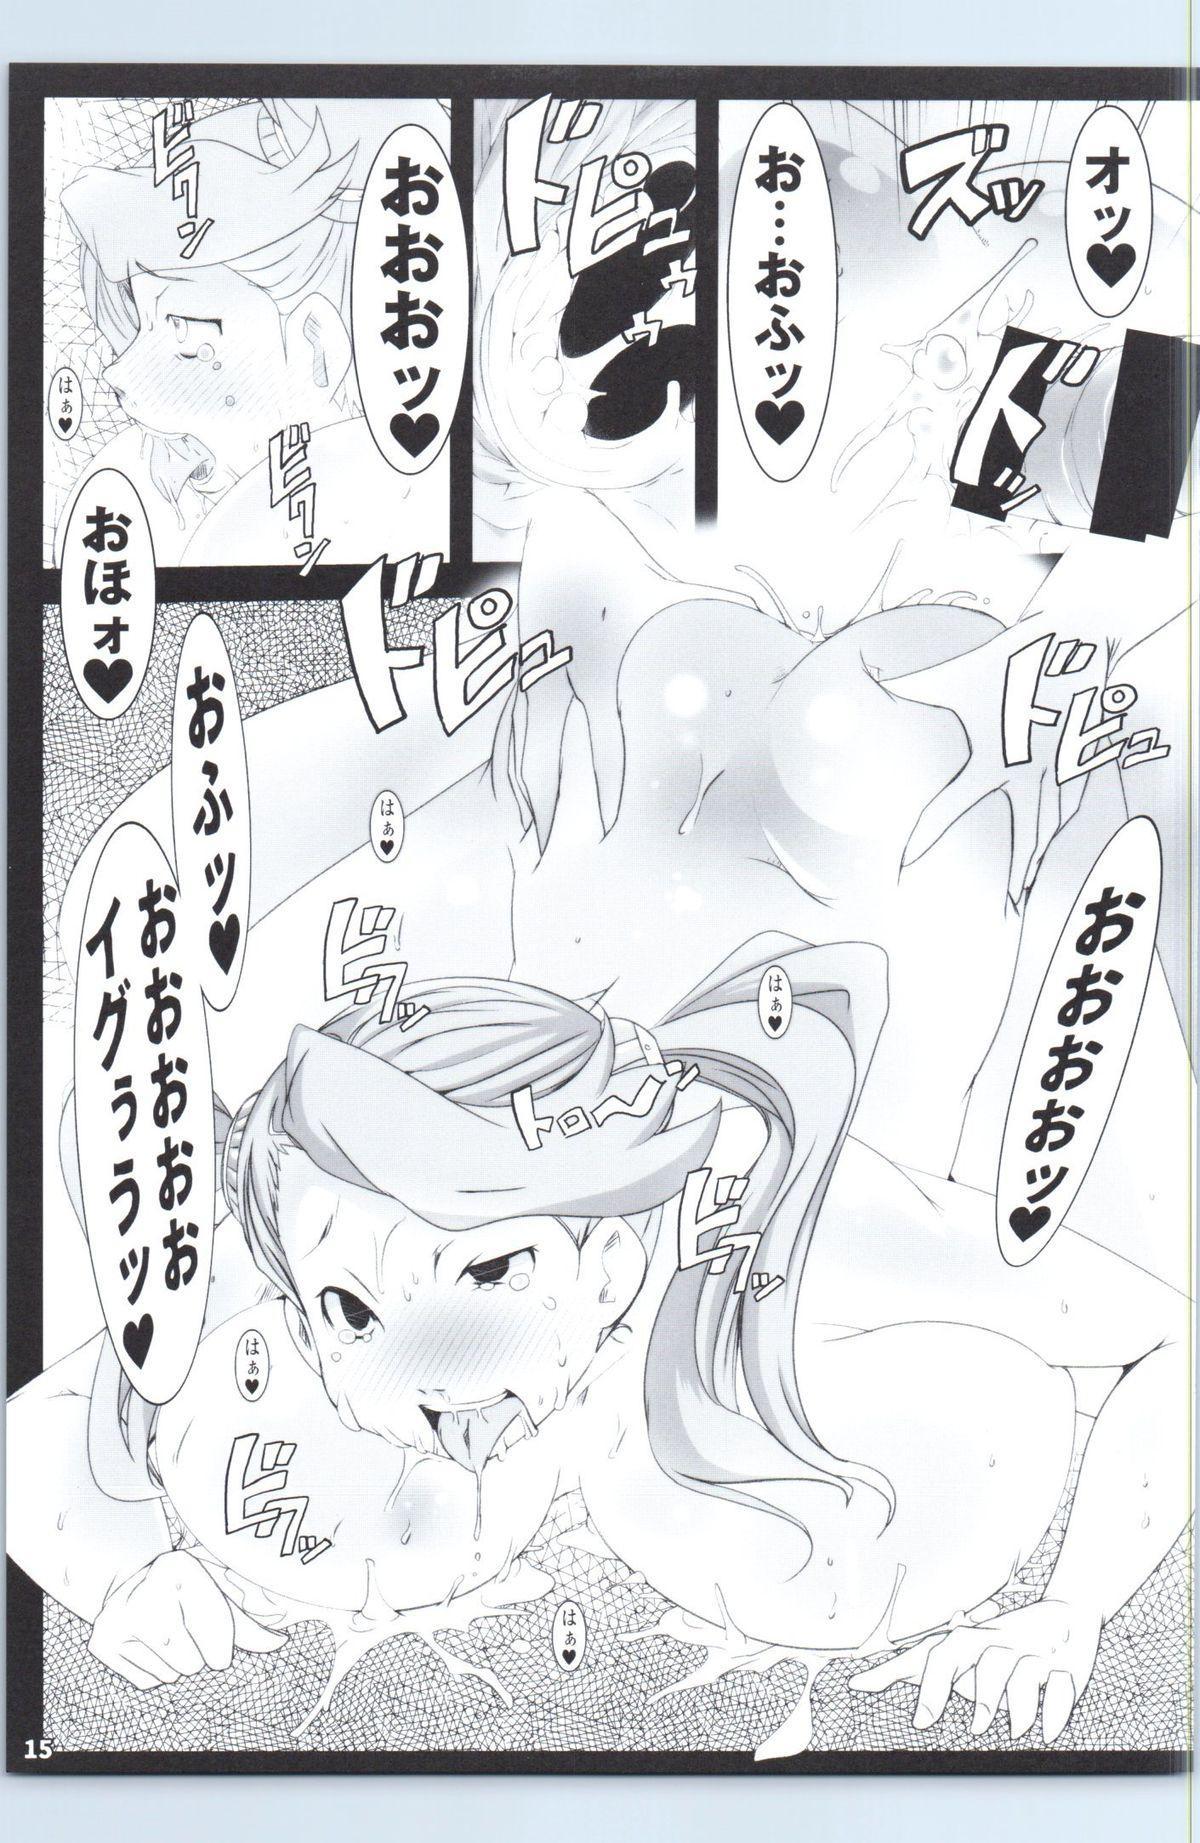 Saiin Gyanko Nakadashi Sakunyuu Try 13